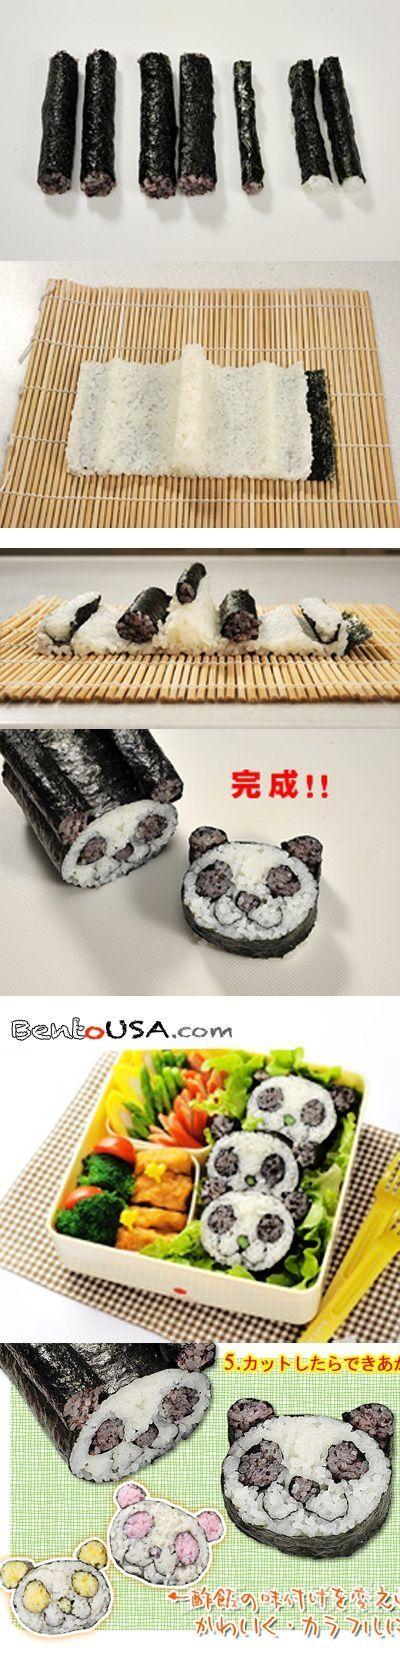 Роллы-панда -интересная идея